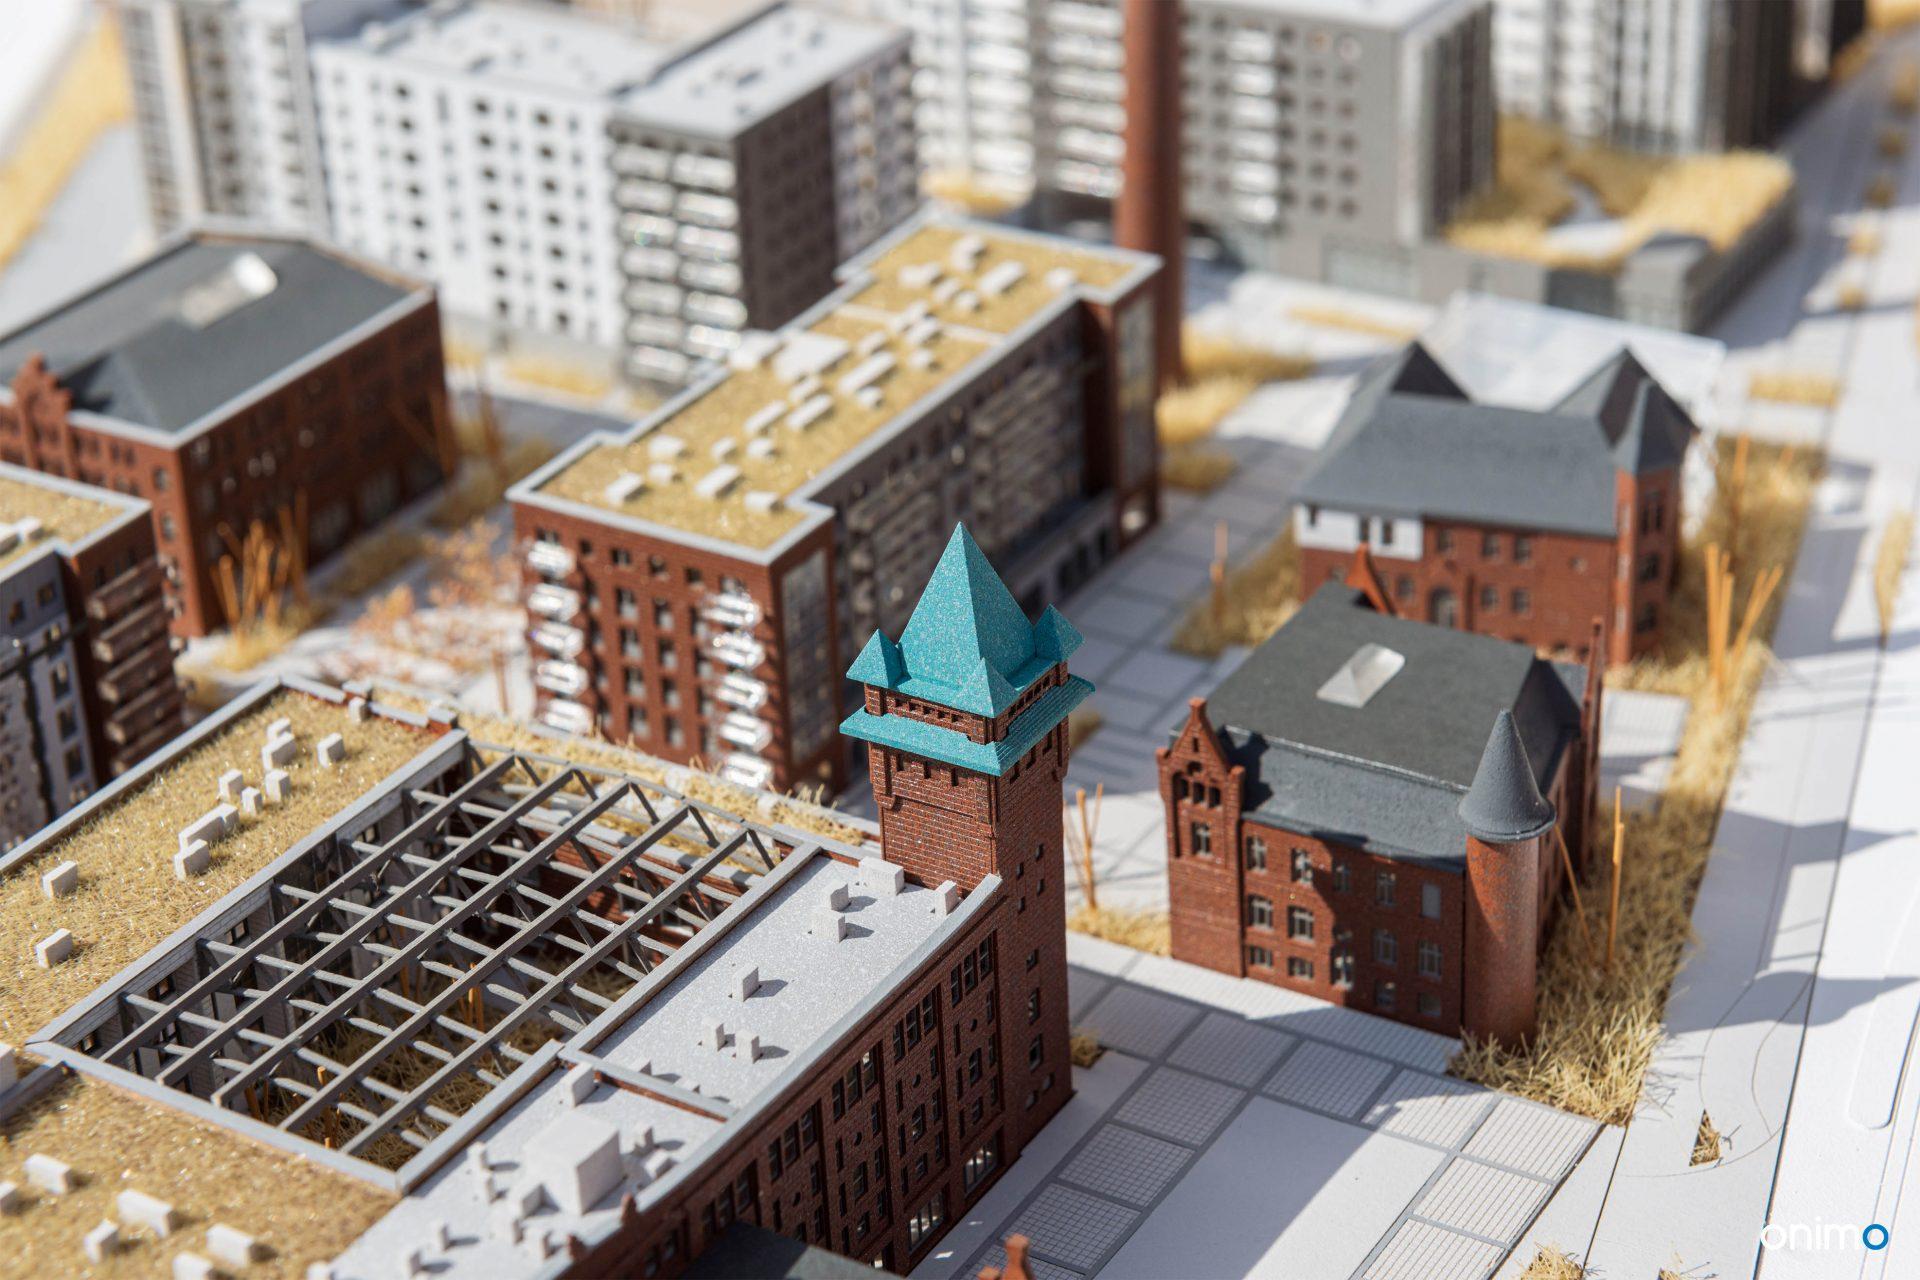 BROWARY WROCŁAWSKIE WROCŁAW | ONIMO Architectural Models